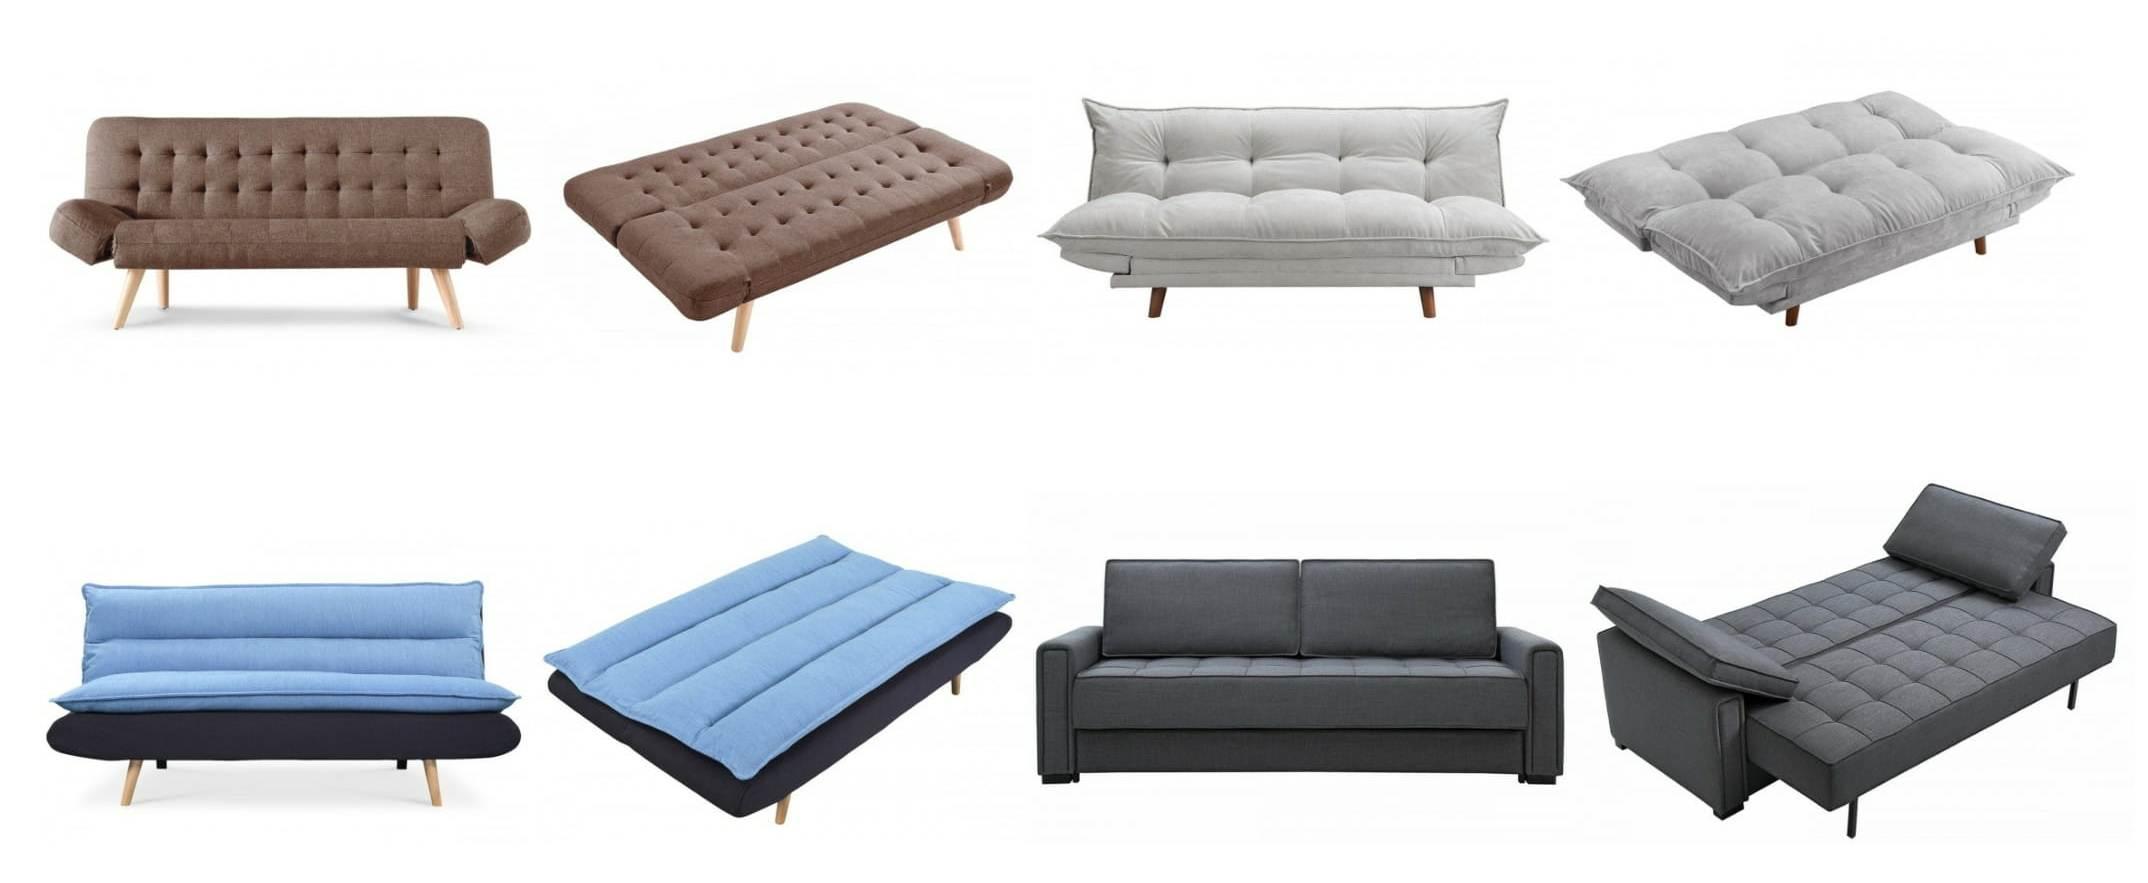 Canapés convertibles Bosco + Pillow + Jude + Icare